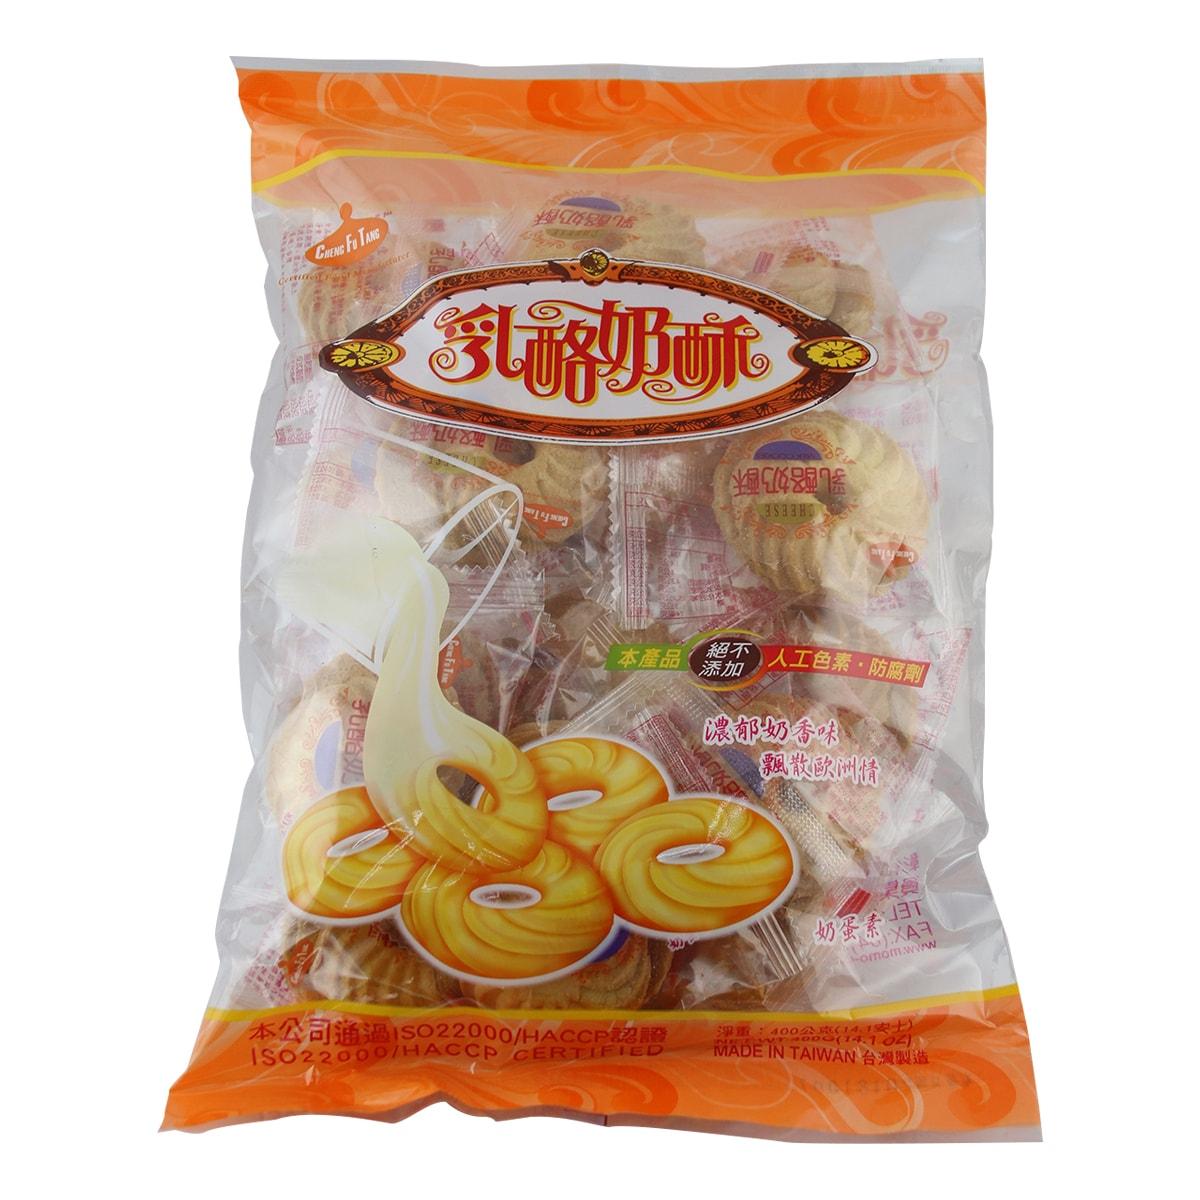 [台湾直邮] 台湾 彰化社头名产-正福堂乳酪奶酥400g(奶蛋素)